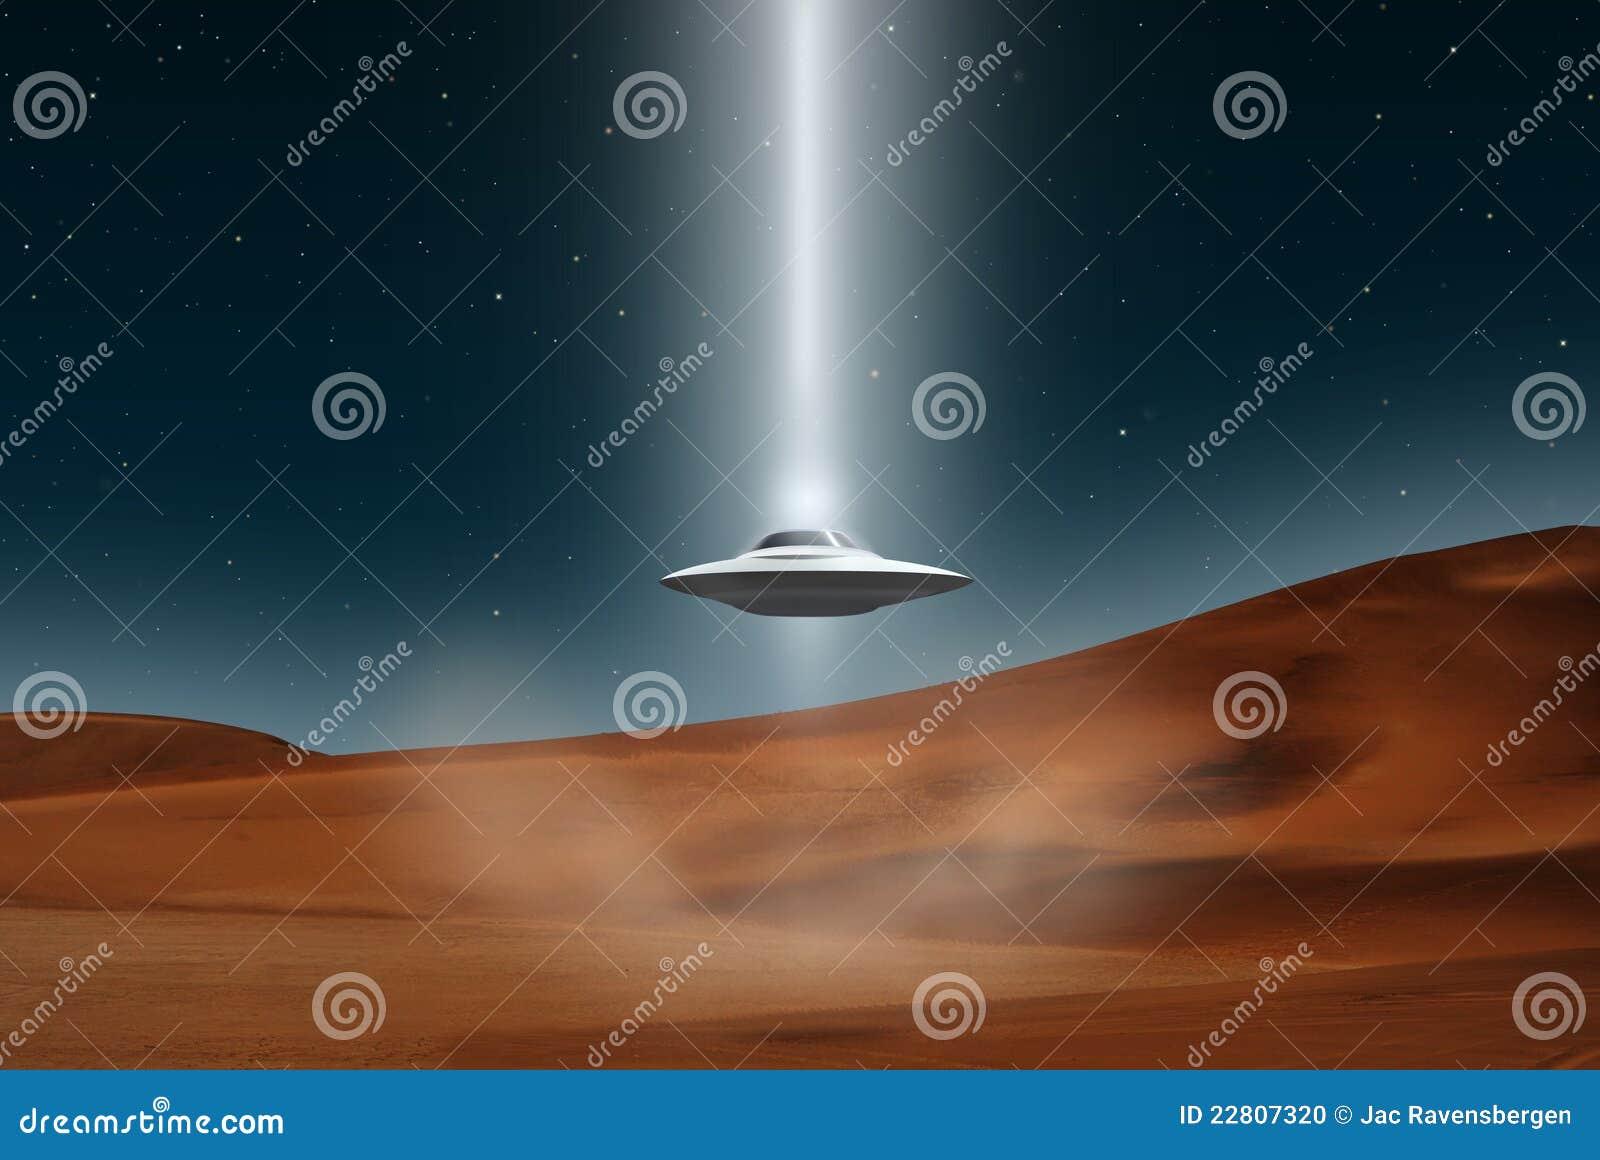 Desierto extranjero del aterrizaje del UFO de los aviones